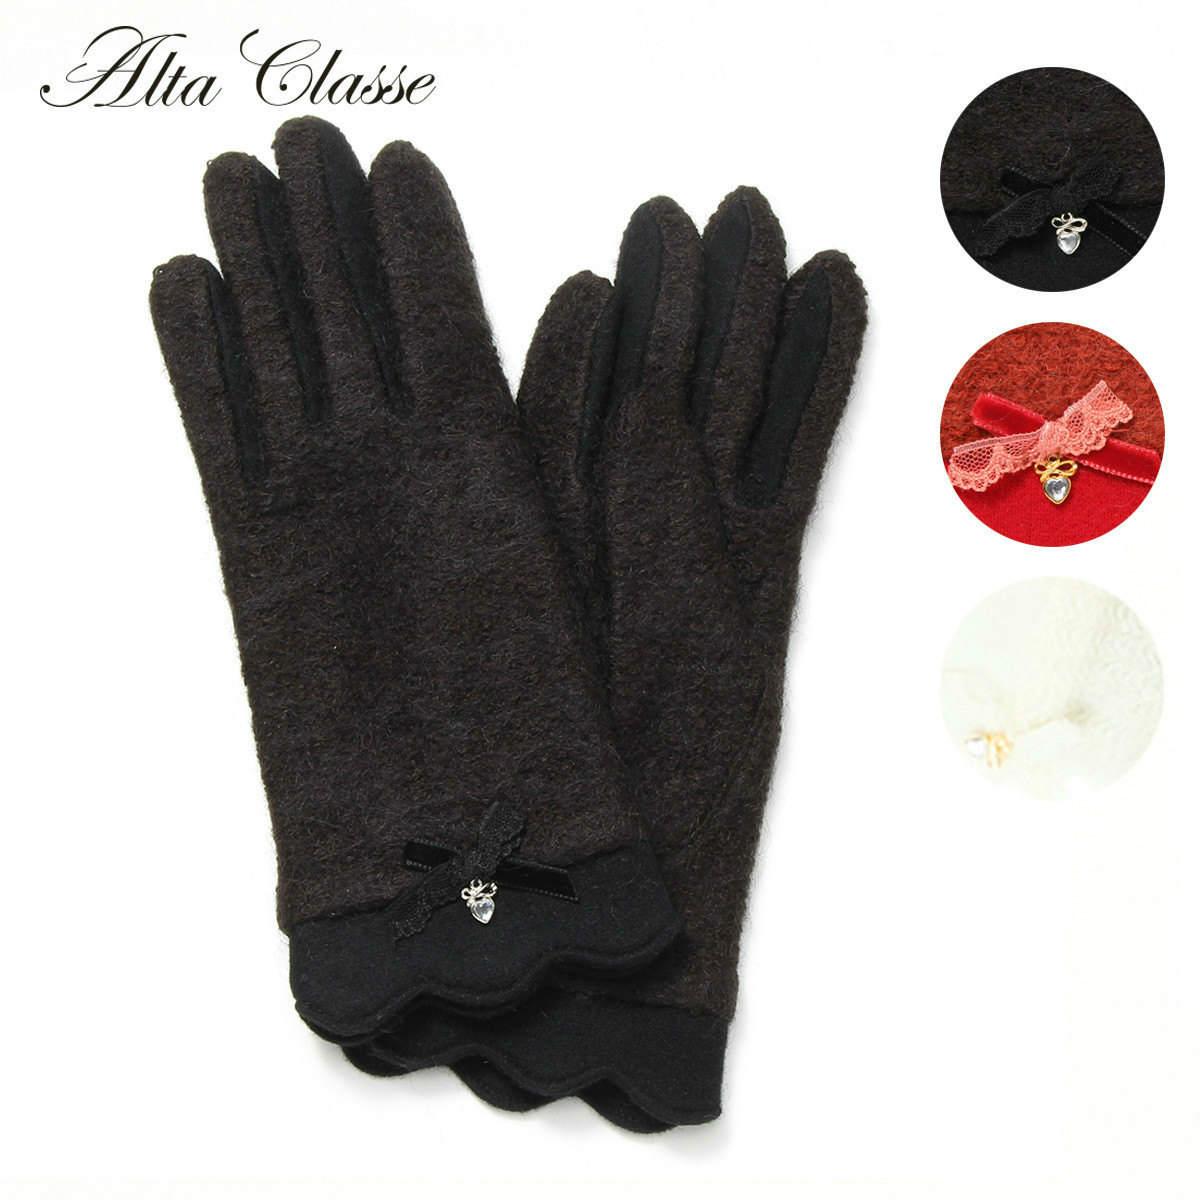 アルタクラッセレディース 二重ジャージ手袋 ウルグアイ産ウールニット裏地付 Mサイズ 全3色